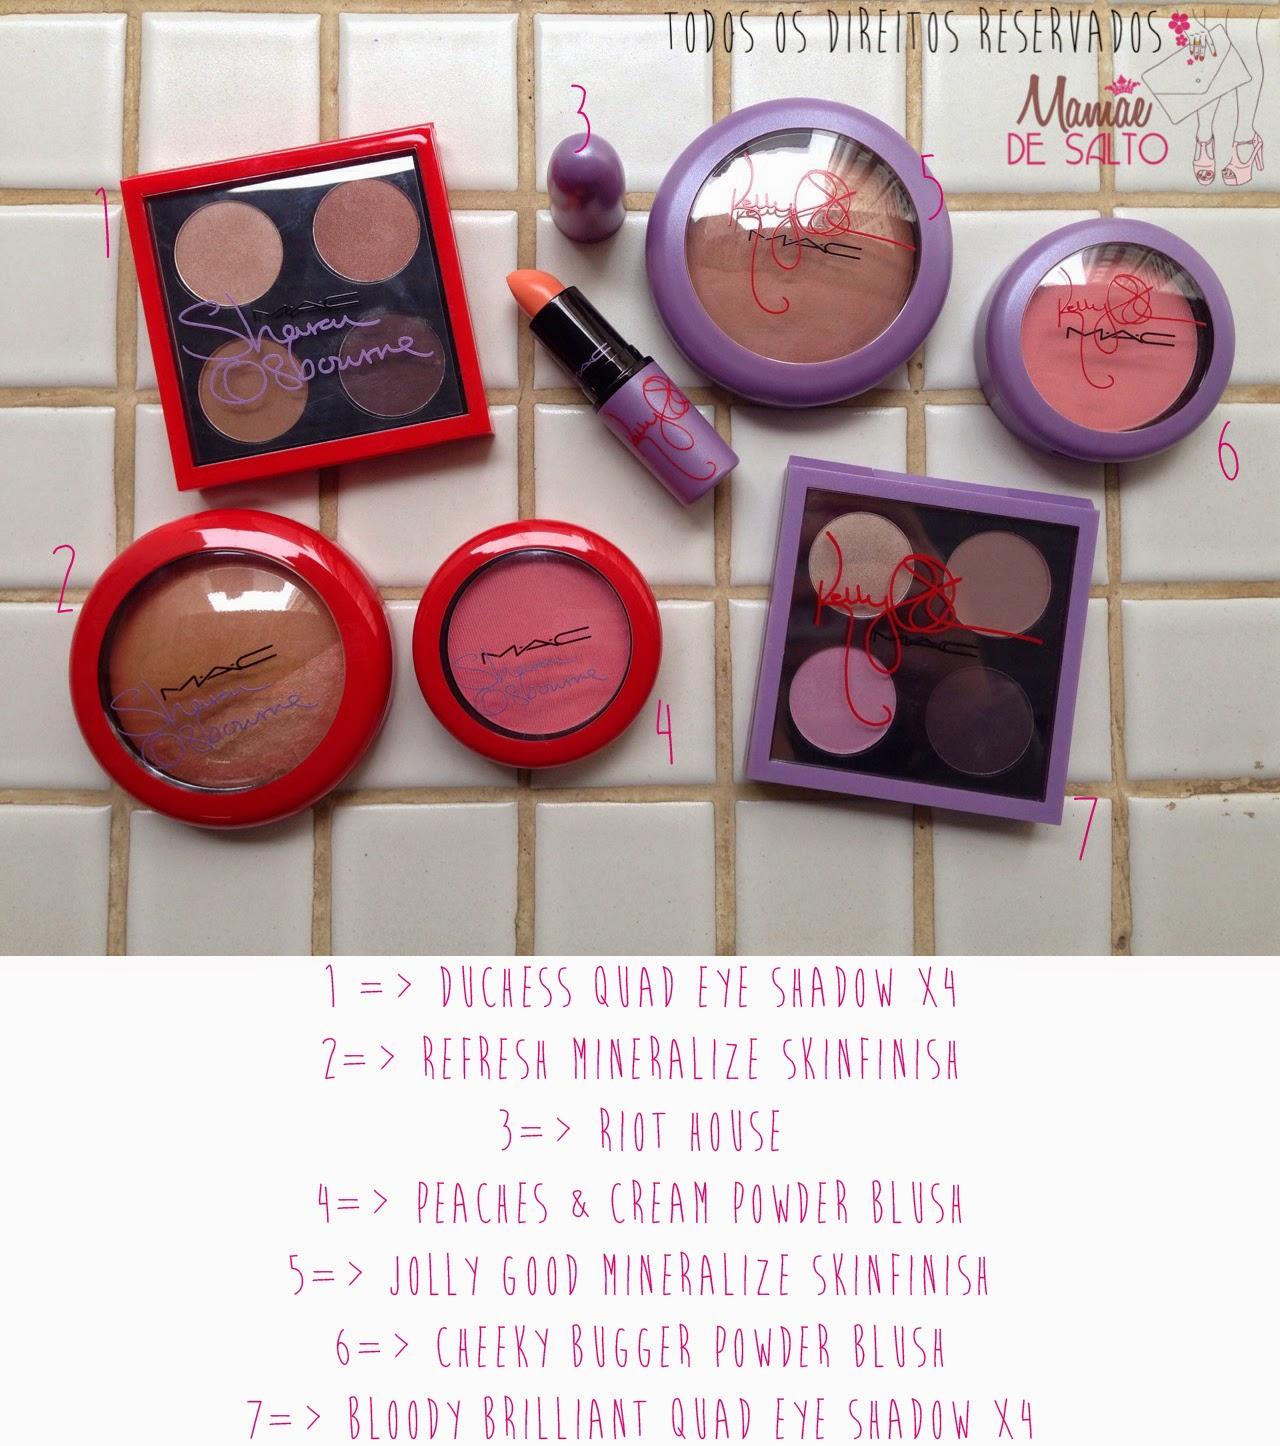 Minhas comprinhas da coleção Sharon e Kelly Osbourne para MAC - todos os direitos reservados blog Mamãe de Salto